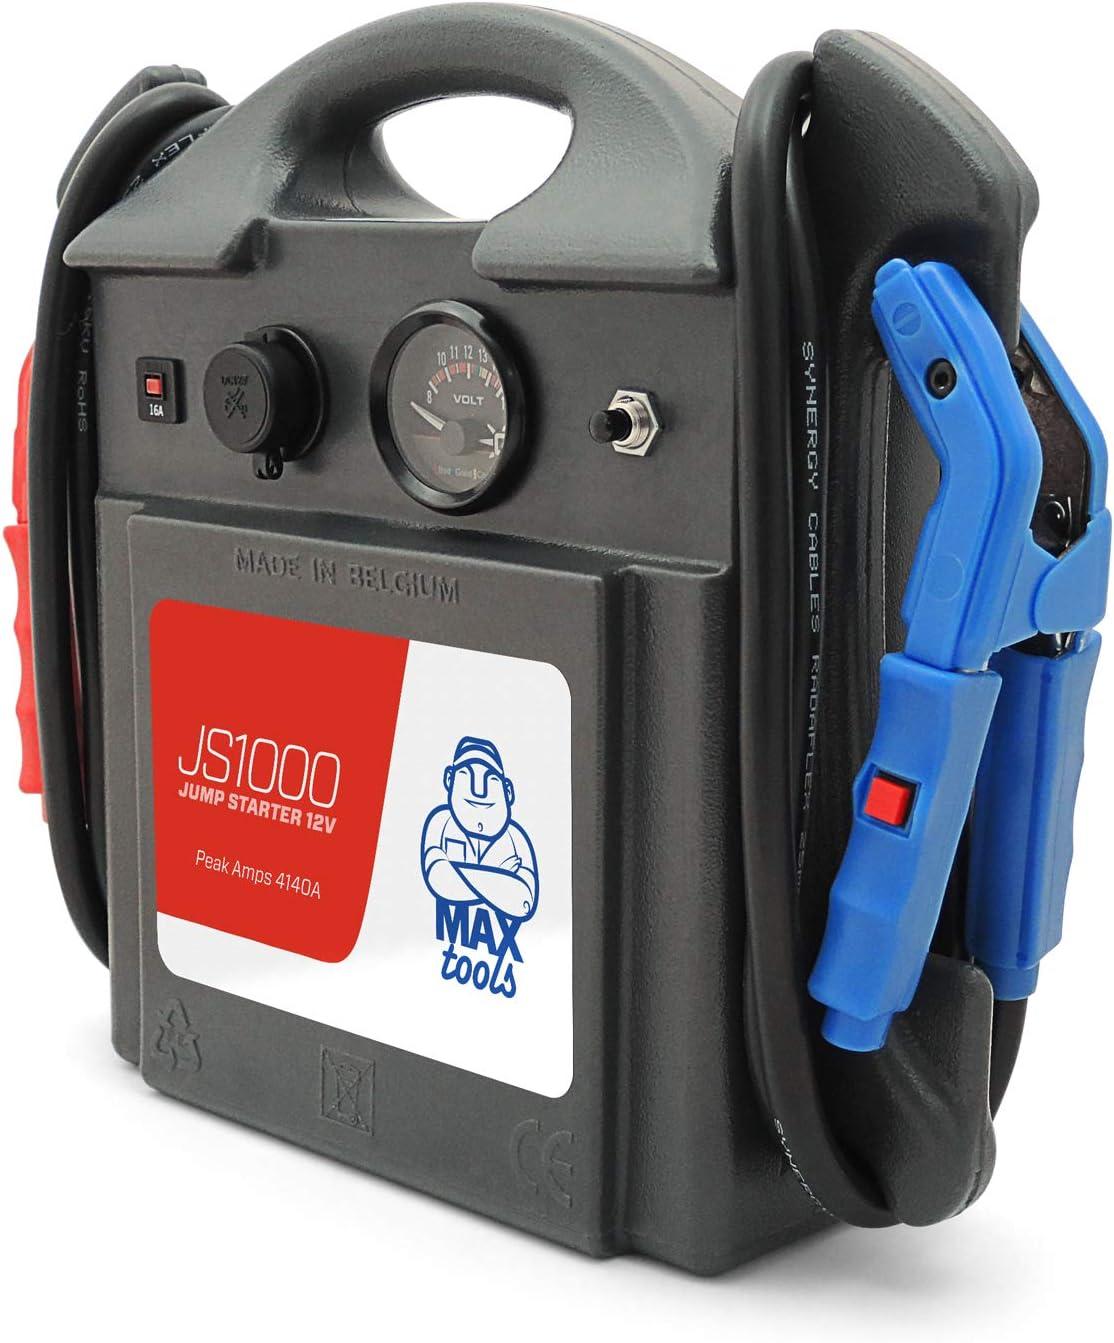 MAXTOOLS Booster D/émarreur de voiture avec batterie Plomb AGM et pinces /à lumi/ère LED JS1000 D/émarreur d/'urgence portable Professionnel 1380A 12V 22Ah avec 4140A de d/émarrage Jump starter